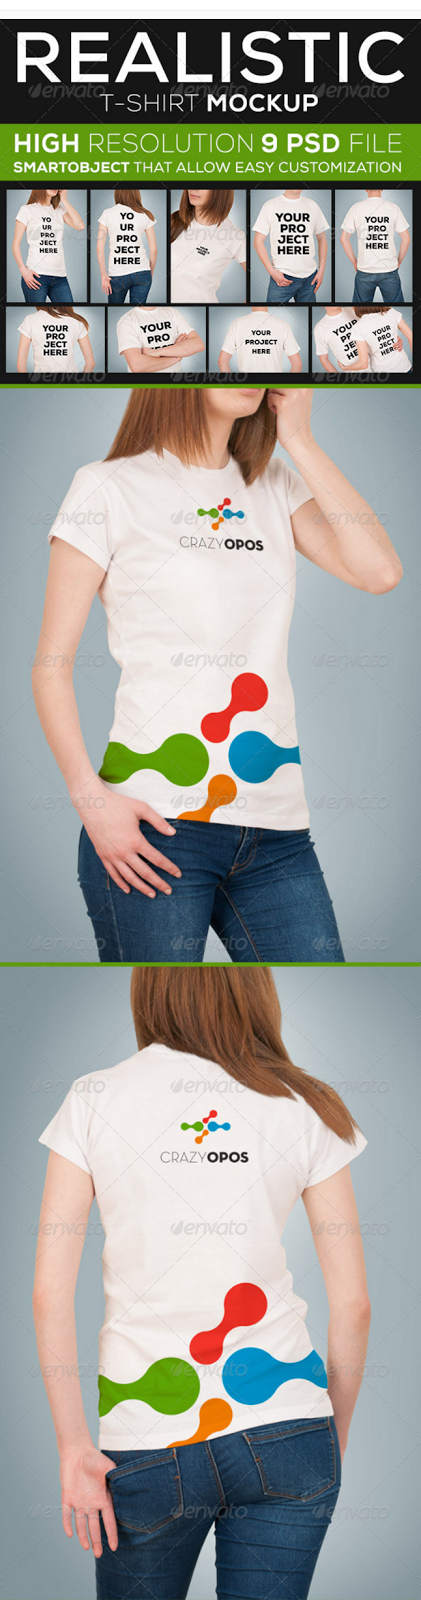 6. Realistic T-shirt Mockup